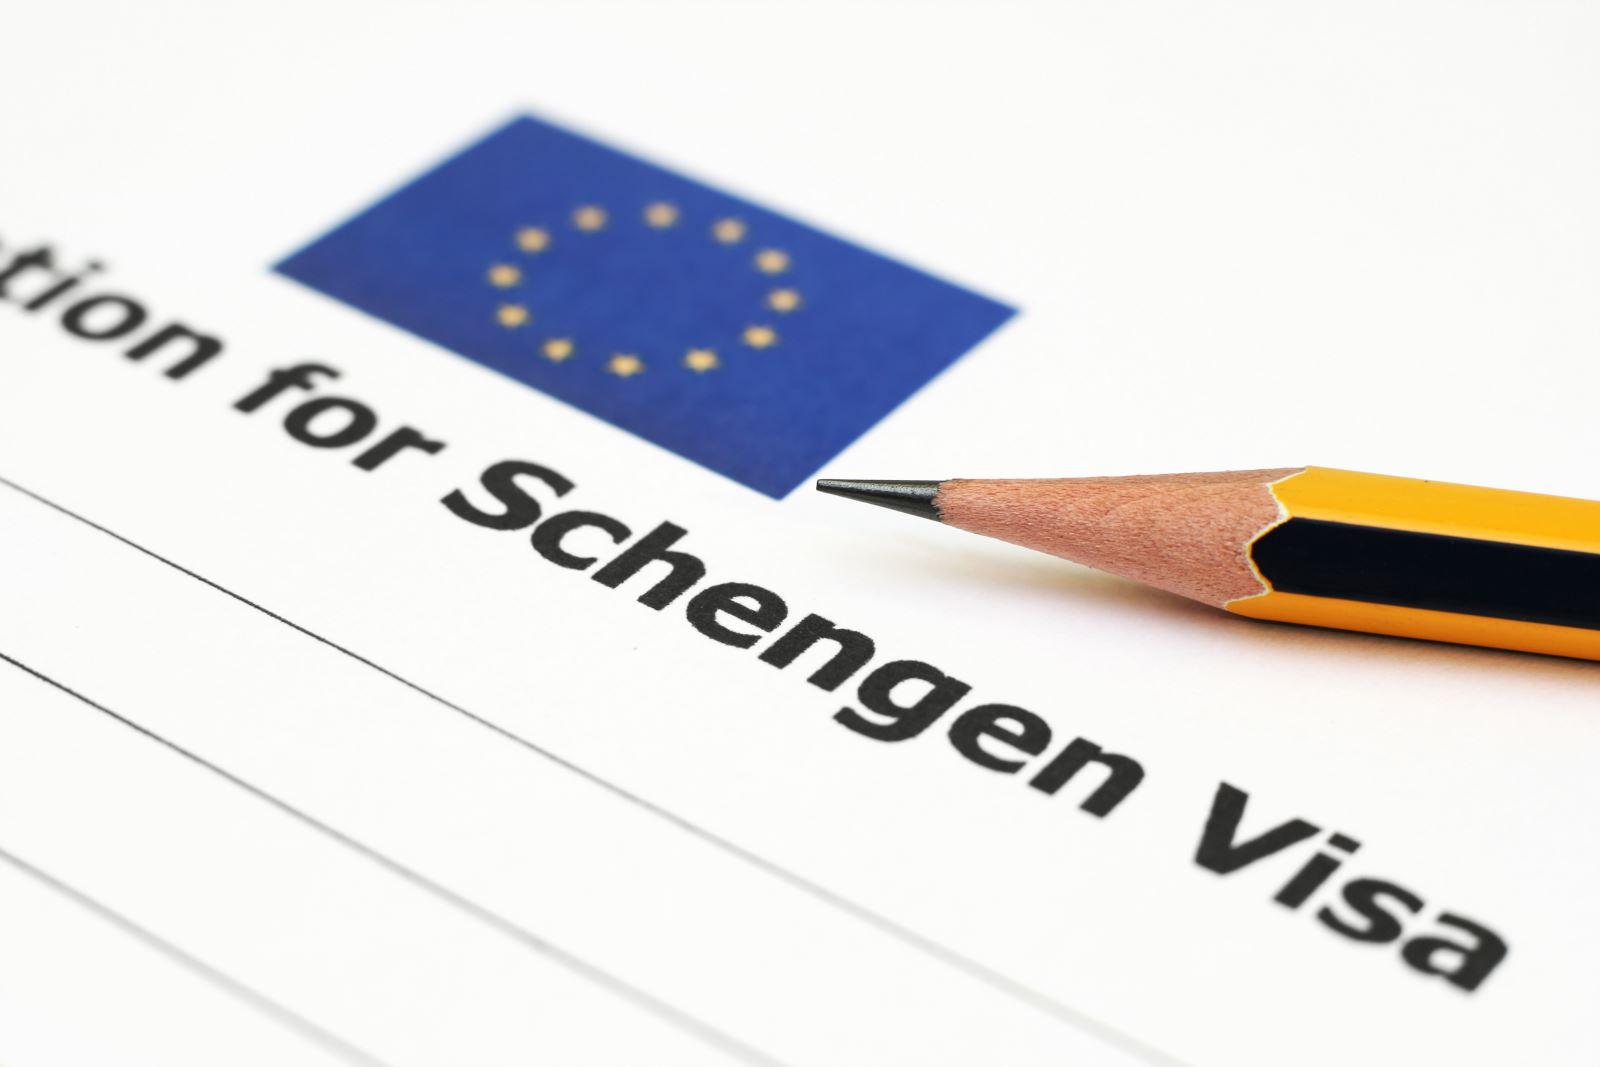 Ошибки, которые могут повлечь отказ в получении шенгенской визы